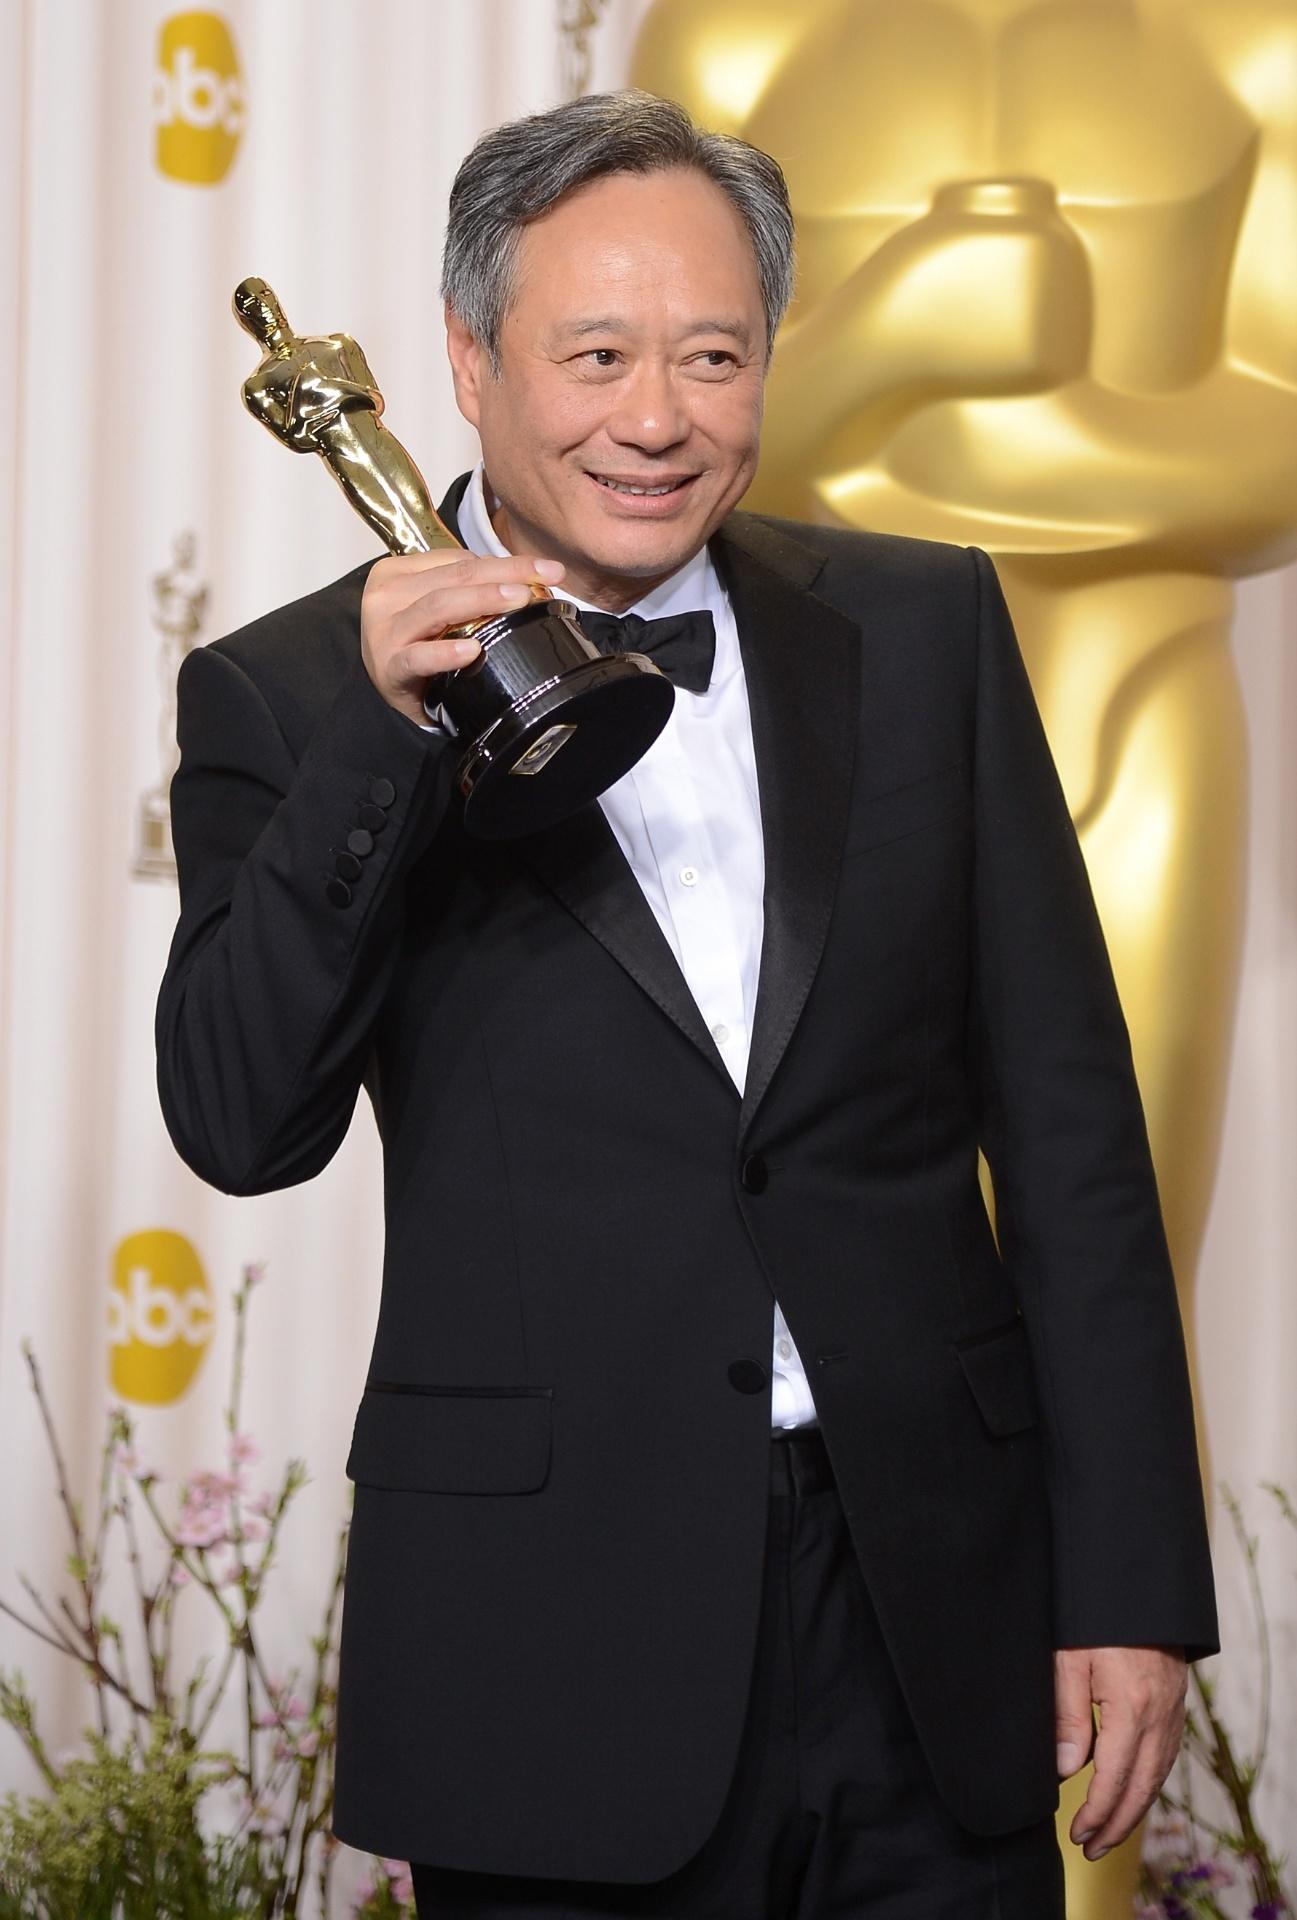 24.fev.2013 - O diretor de cinema Ang Lee posa com sua estatueta do Oscar de melhor diretor pelo filme